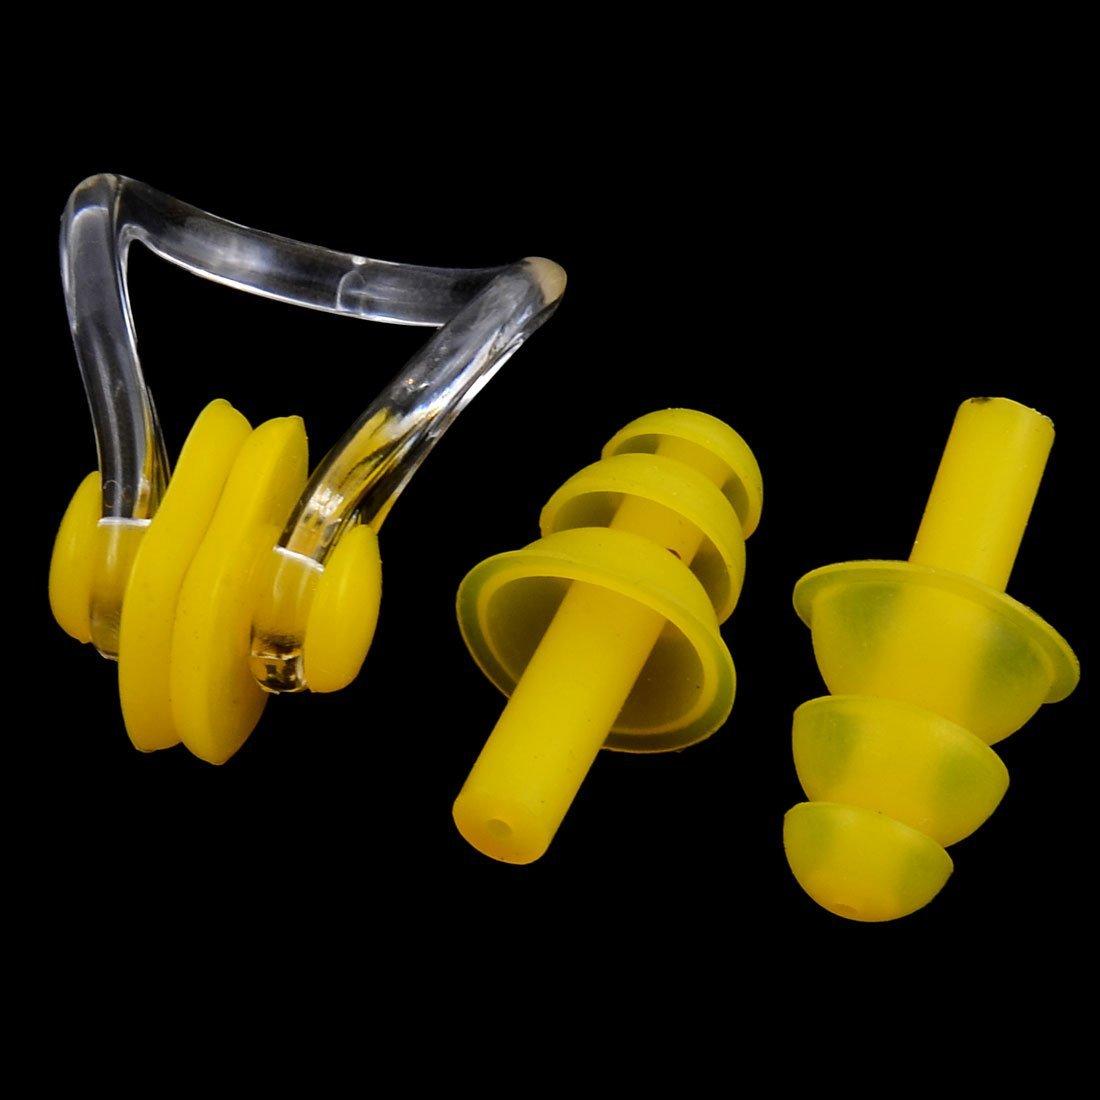 DealMux silicona de seta deporte de la natación Protección tapones para los oídos clip de la nariz 2 Sets Amarillo: Amazon.es: Deportes y aire libre